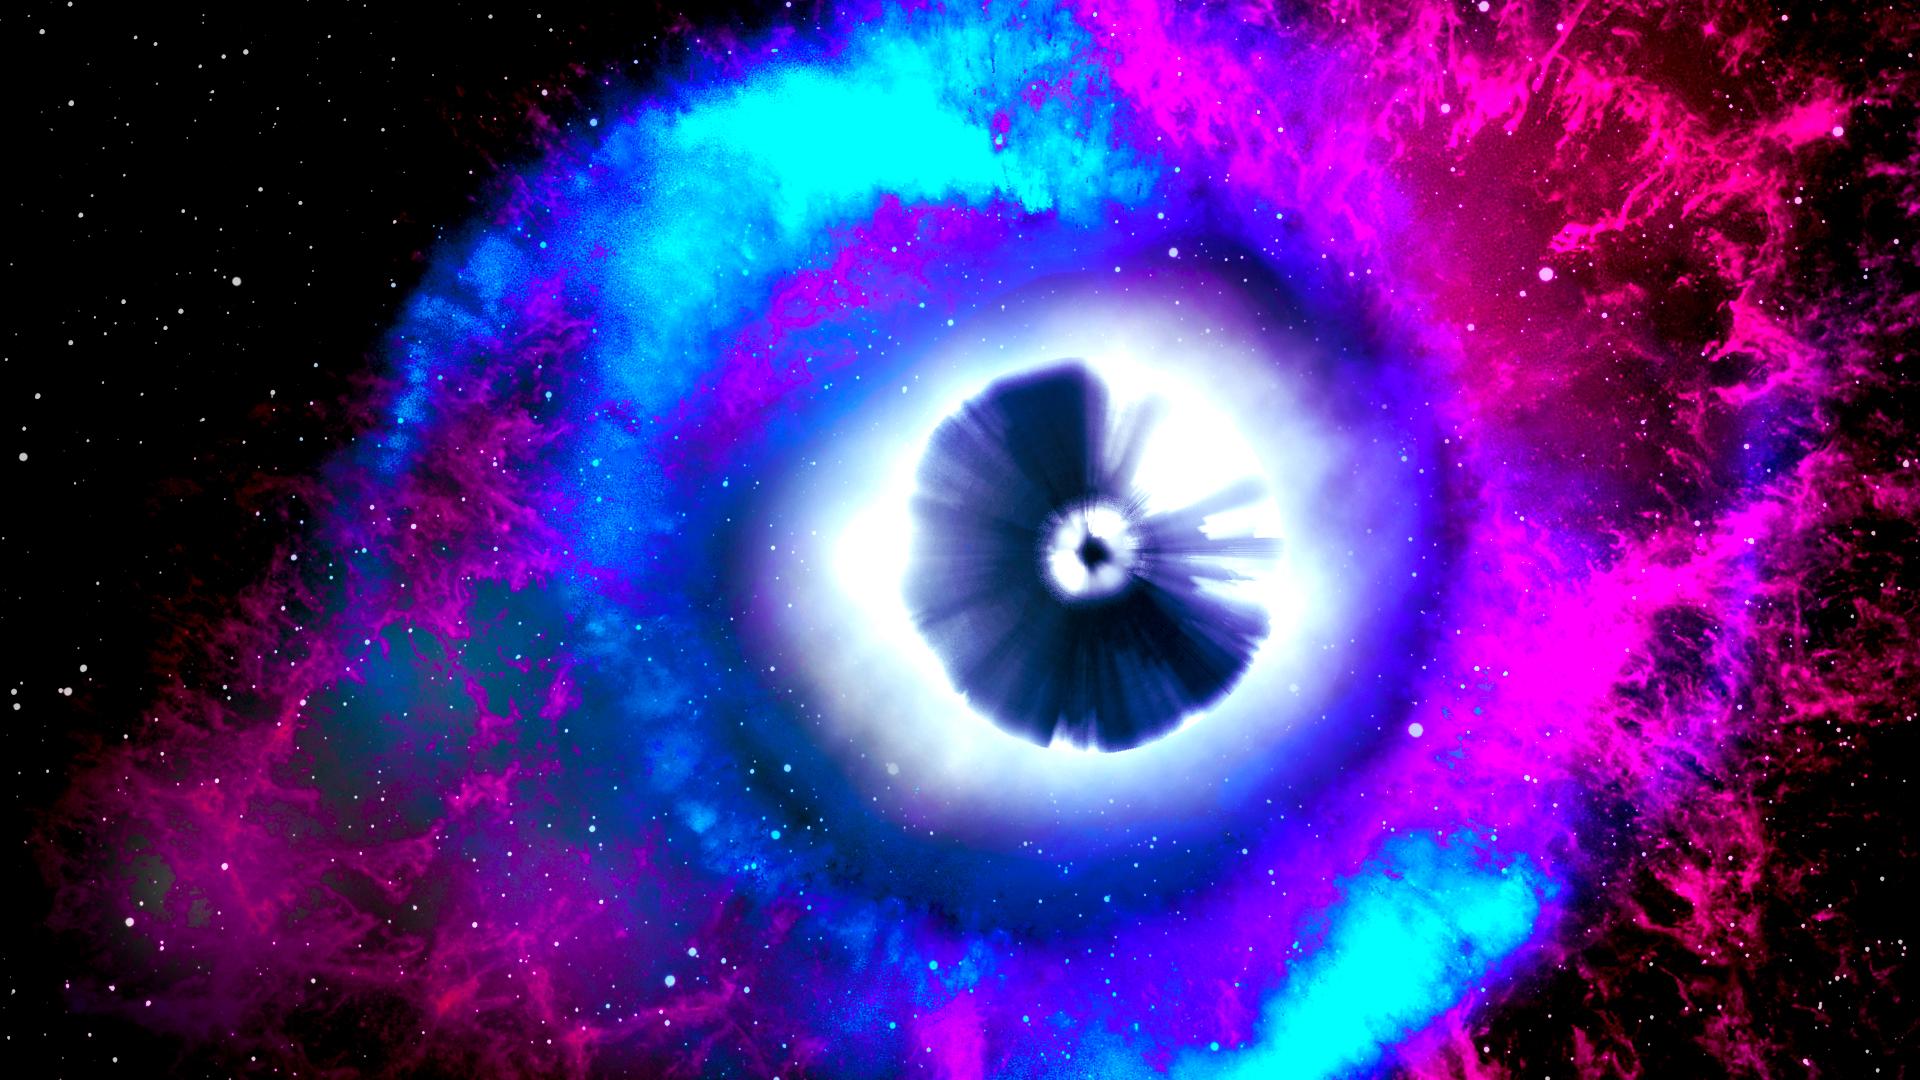 Space Eye (Wallpaper) by Hardii